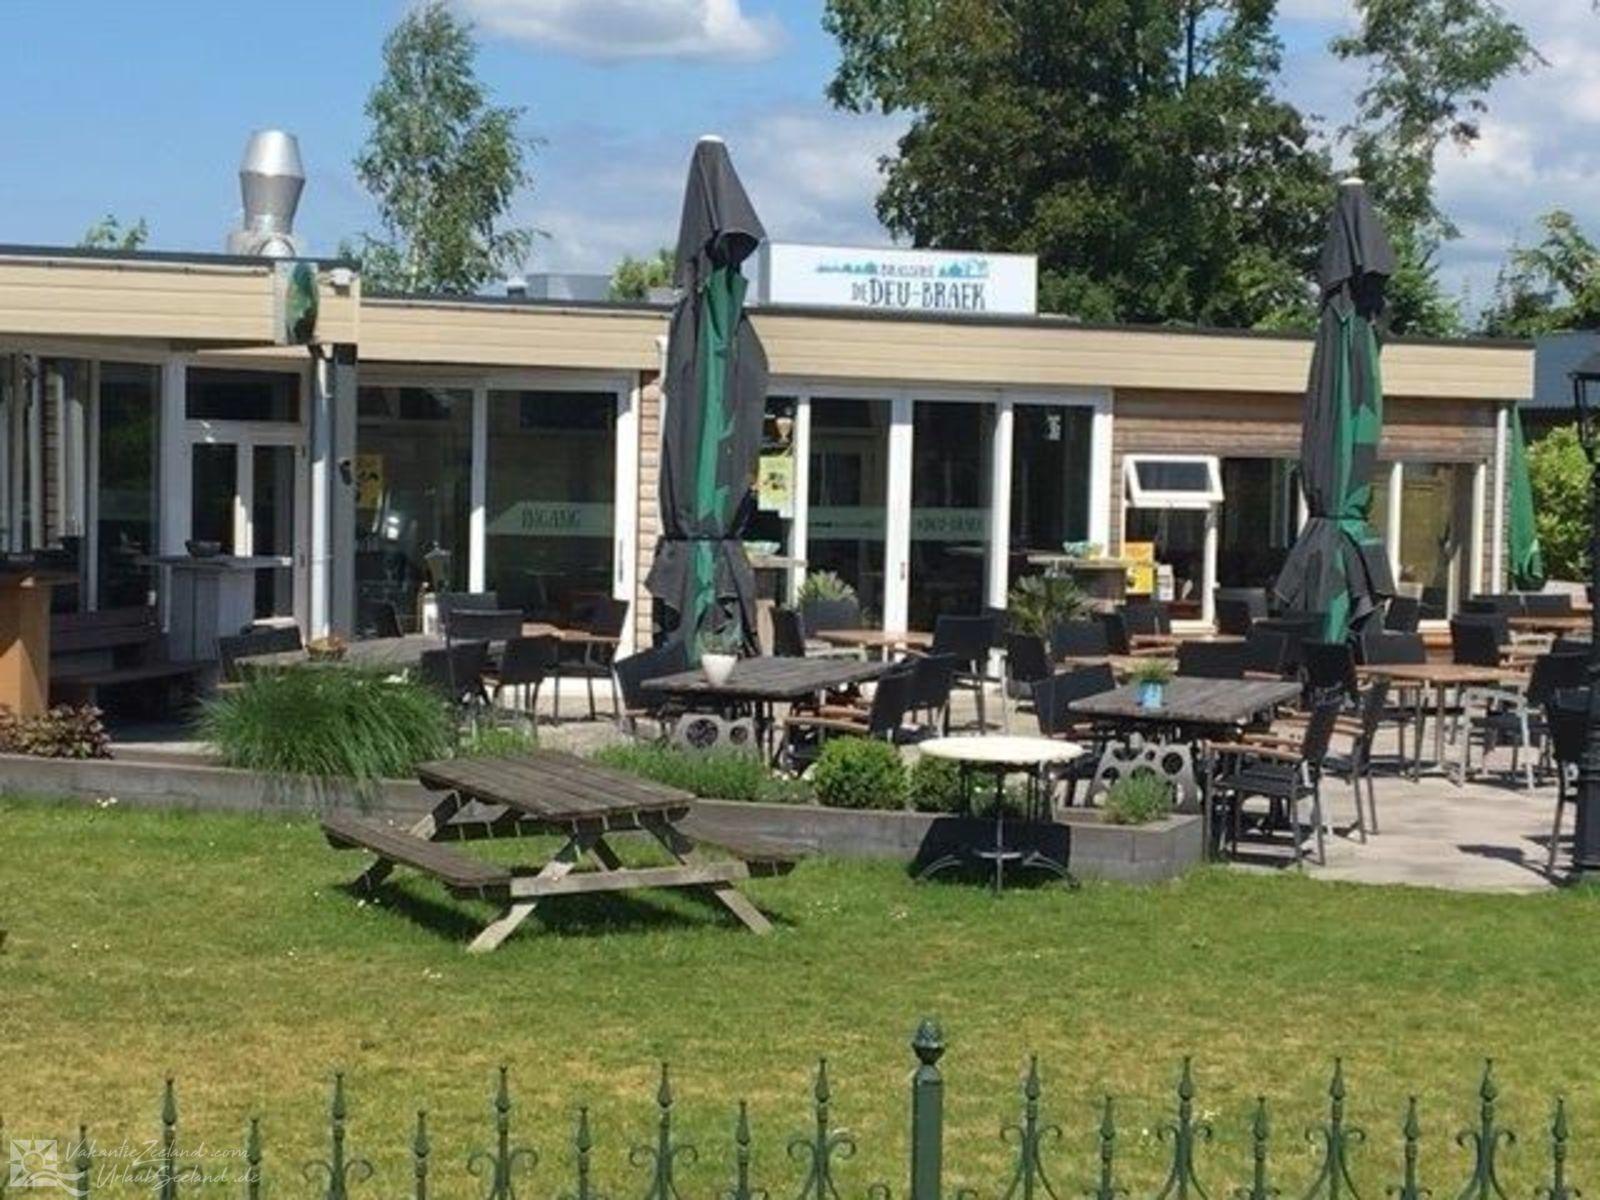 VZ725 Vakantiechalet Sint Annaland